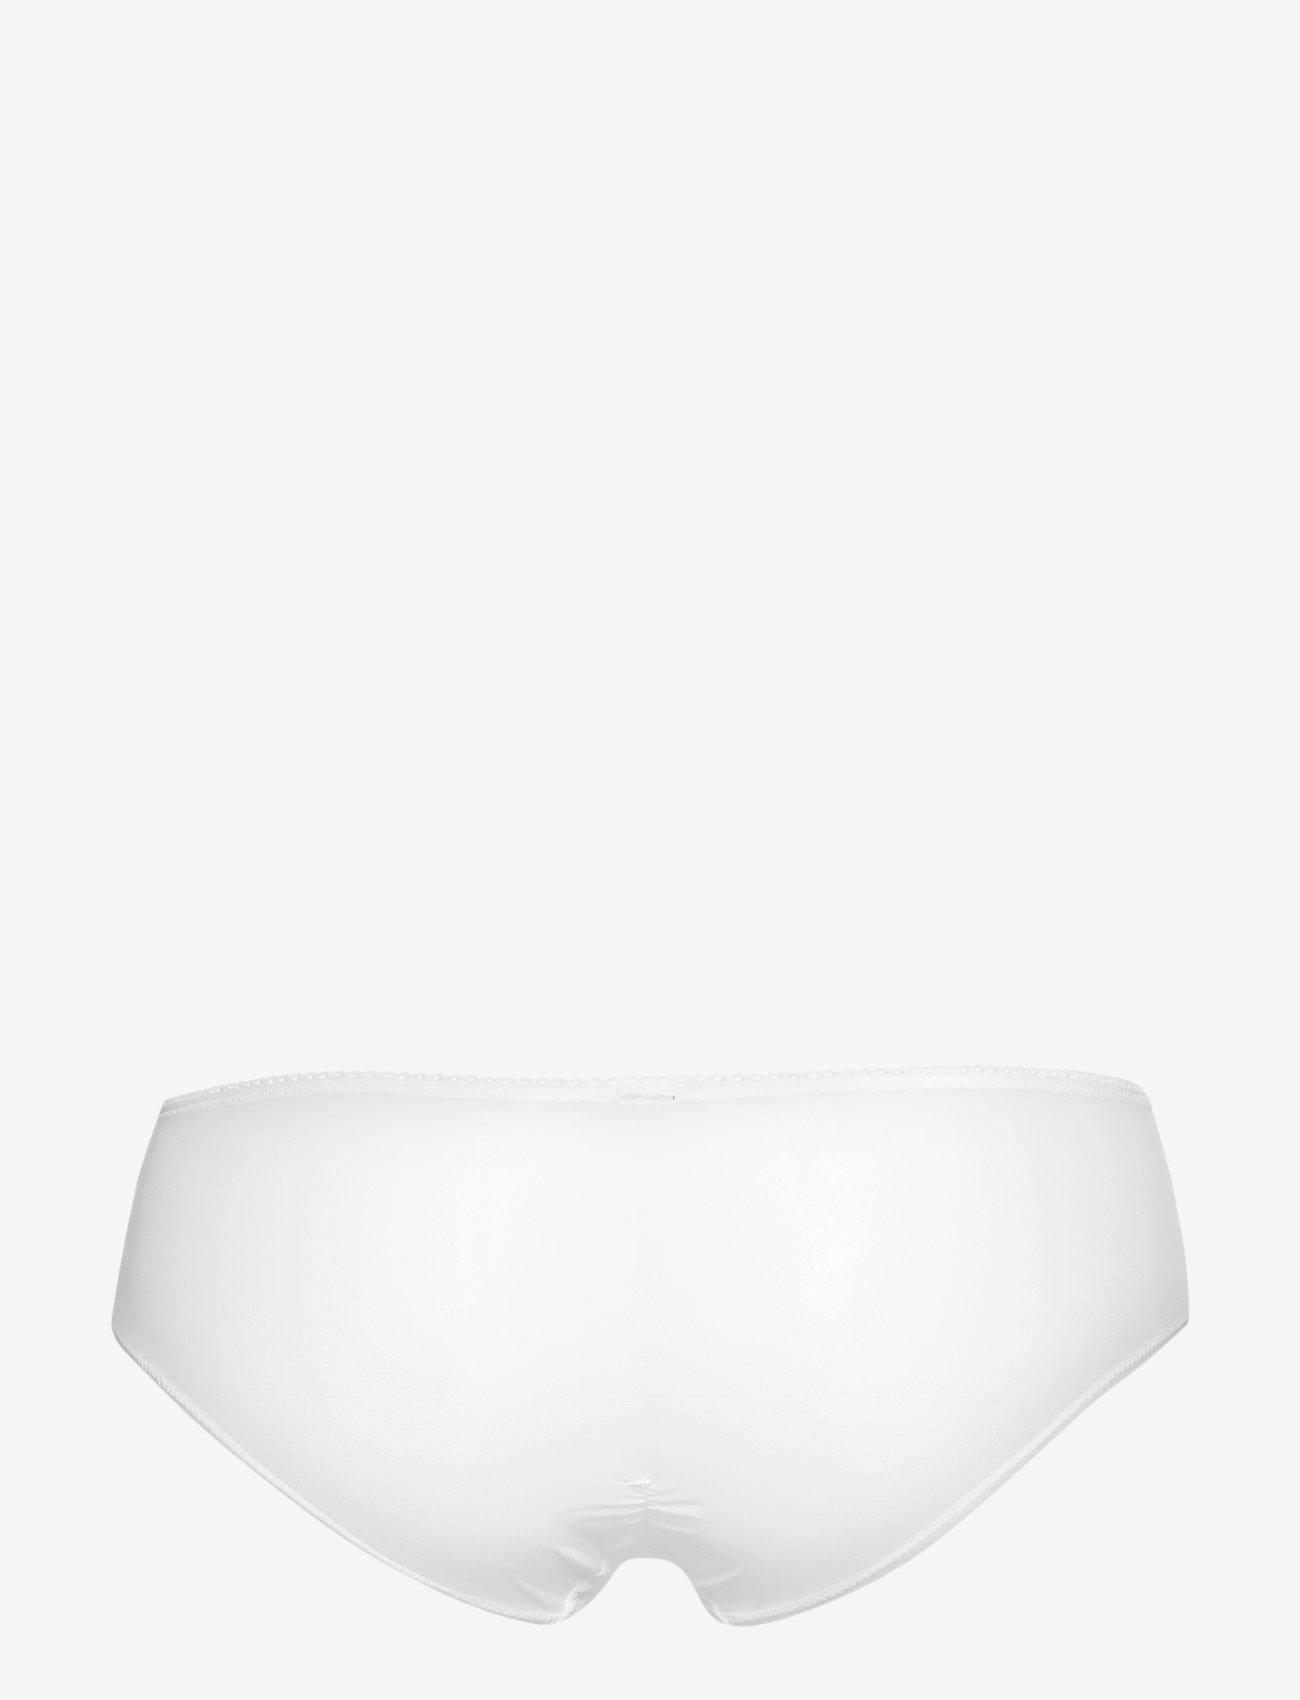 DKNY - MIX & MATCH - bokserki & szorty - white - 1